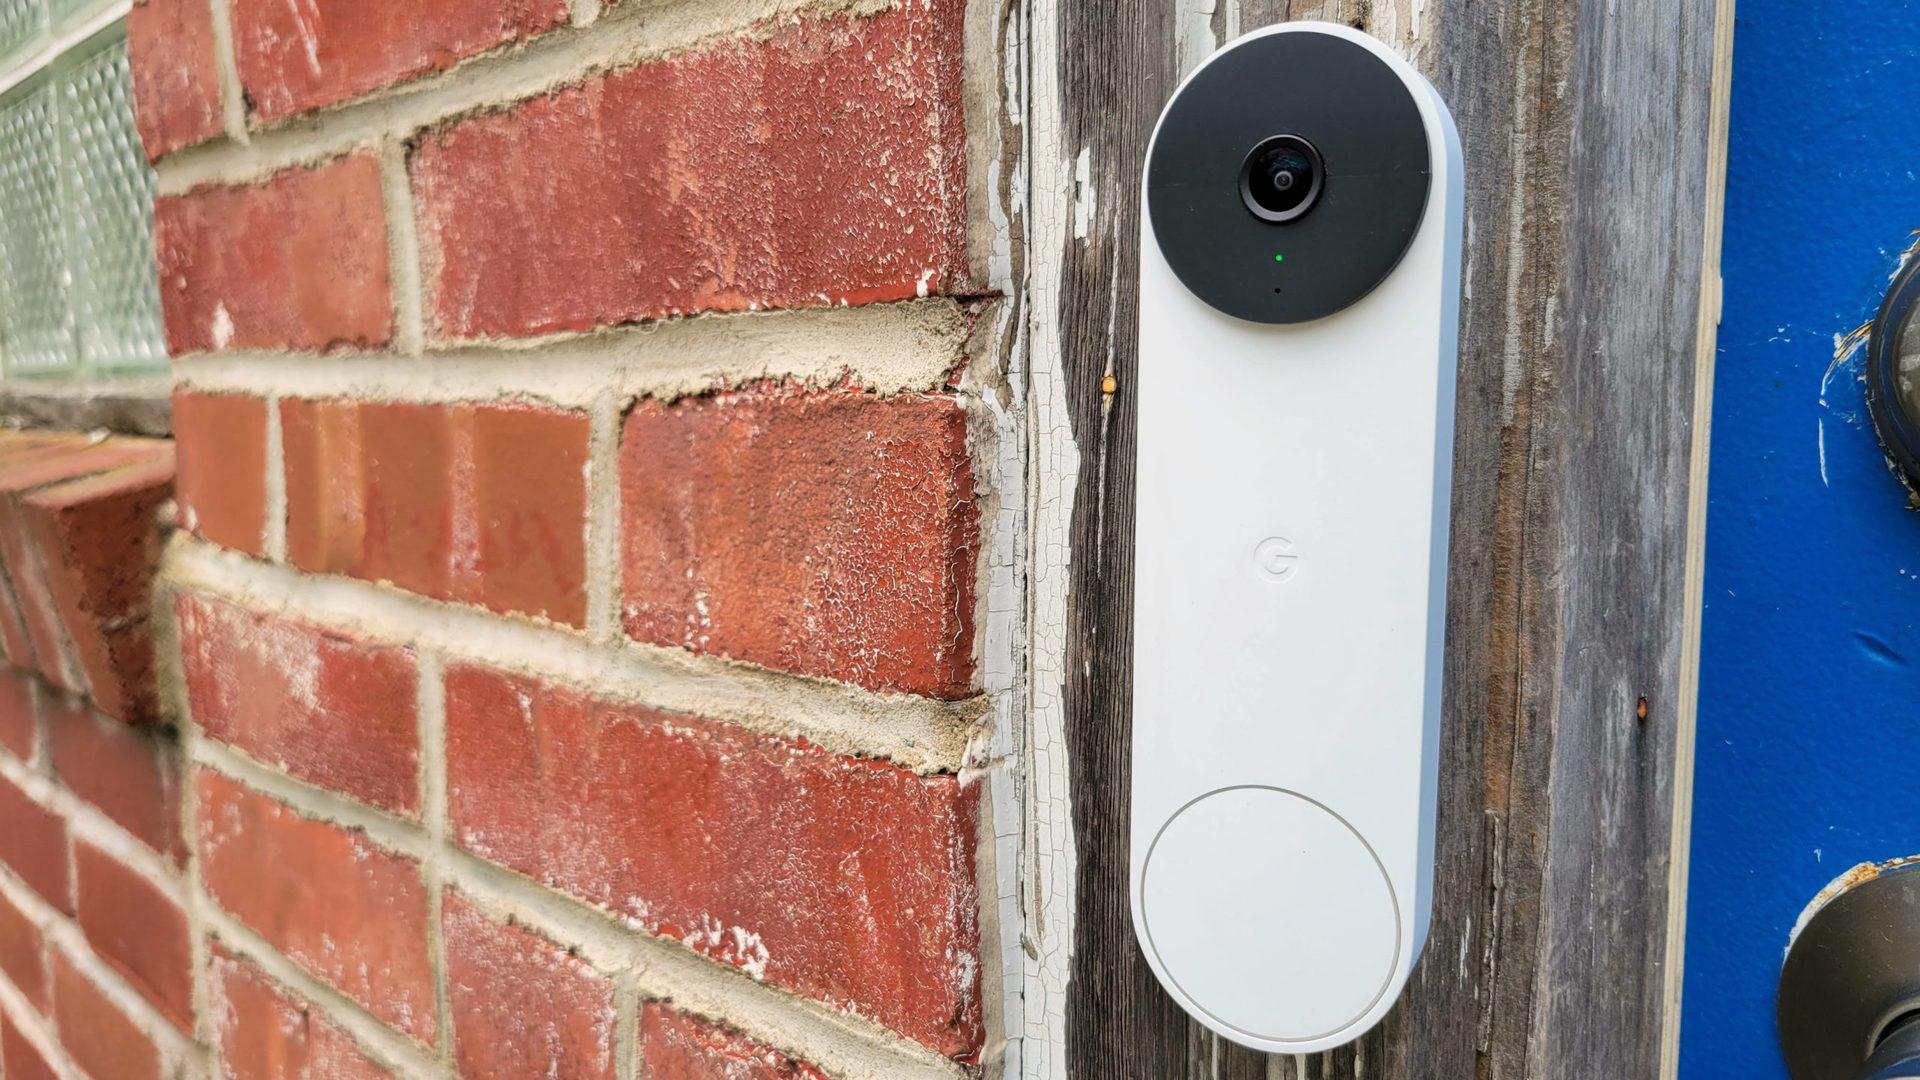 Google Nest Doorbell Review Mounted at Front Door